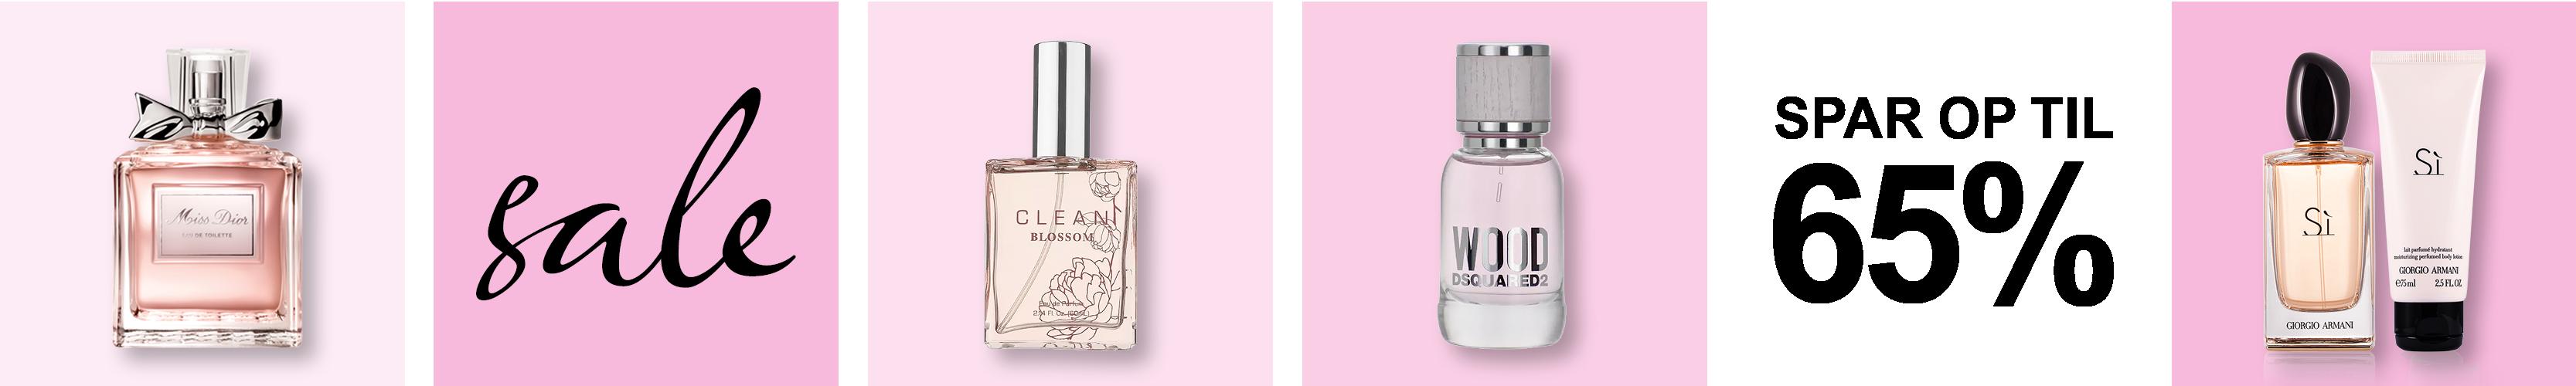 Parfume Tilbud Kvinder BilligParfume